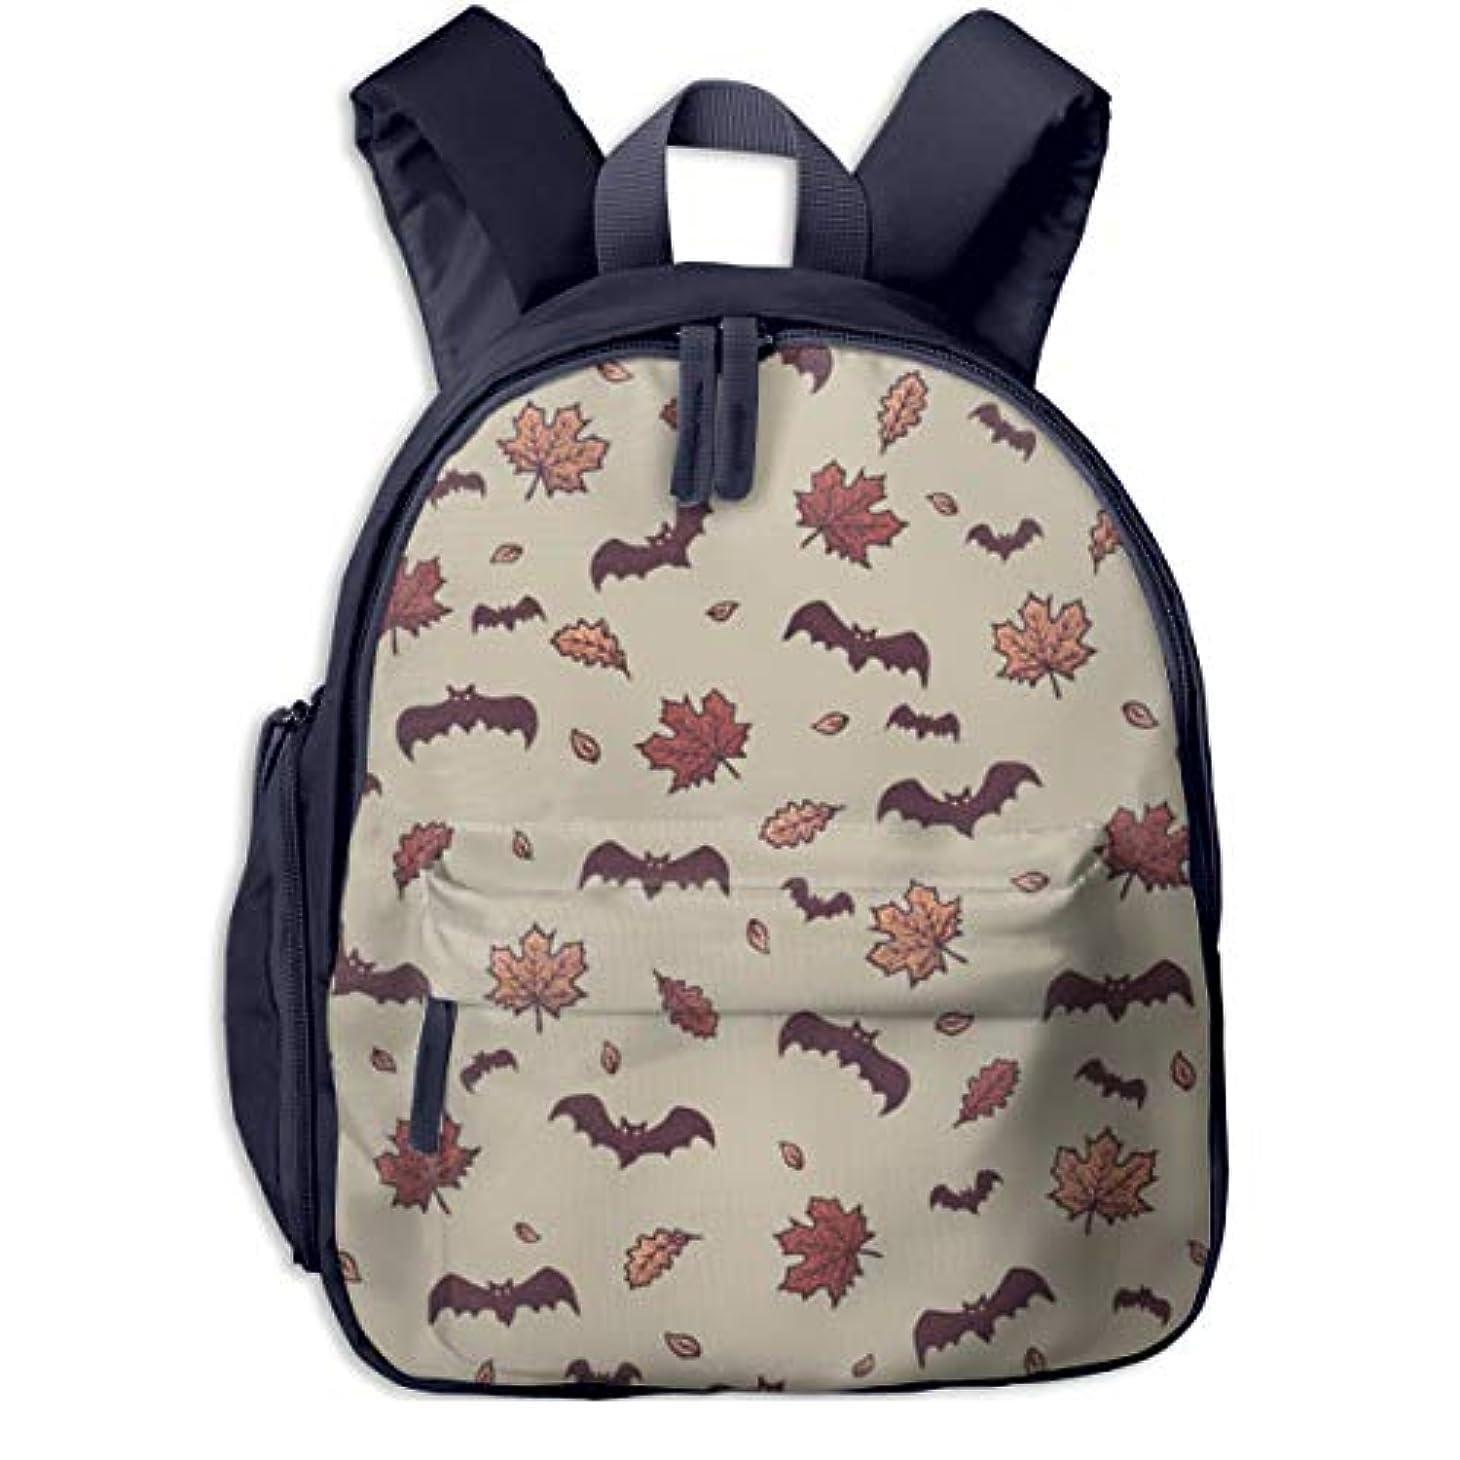 うっかり進む継承ハロウィンバット 迷子防止リュック バックパック 子供用 子ども用バッグ ランドセル 高品質 レッスンバッグ 旅行 おでかけ 学用品 子供の贈り物